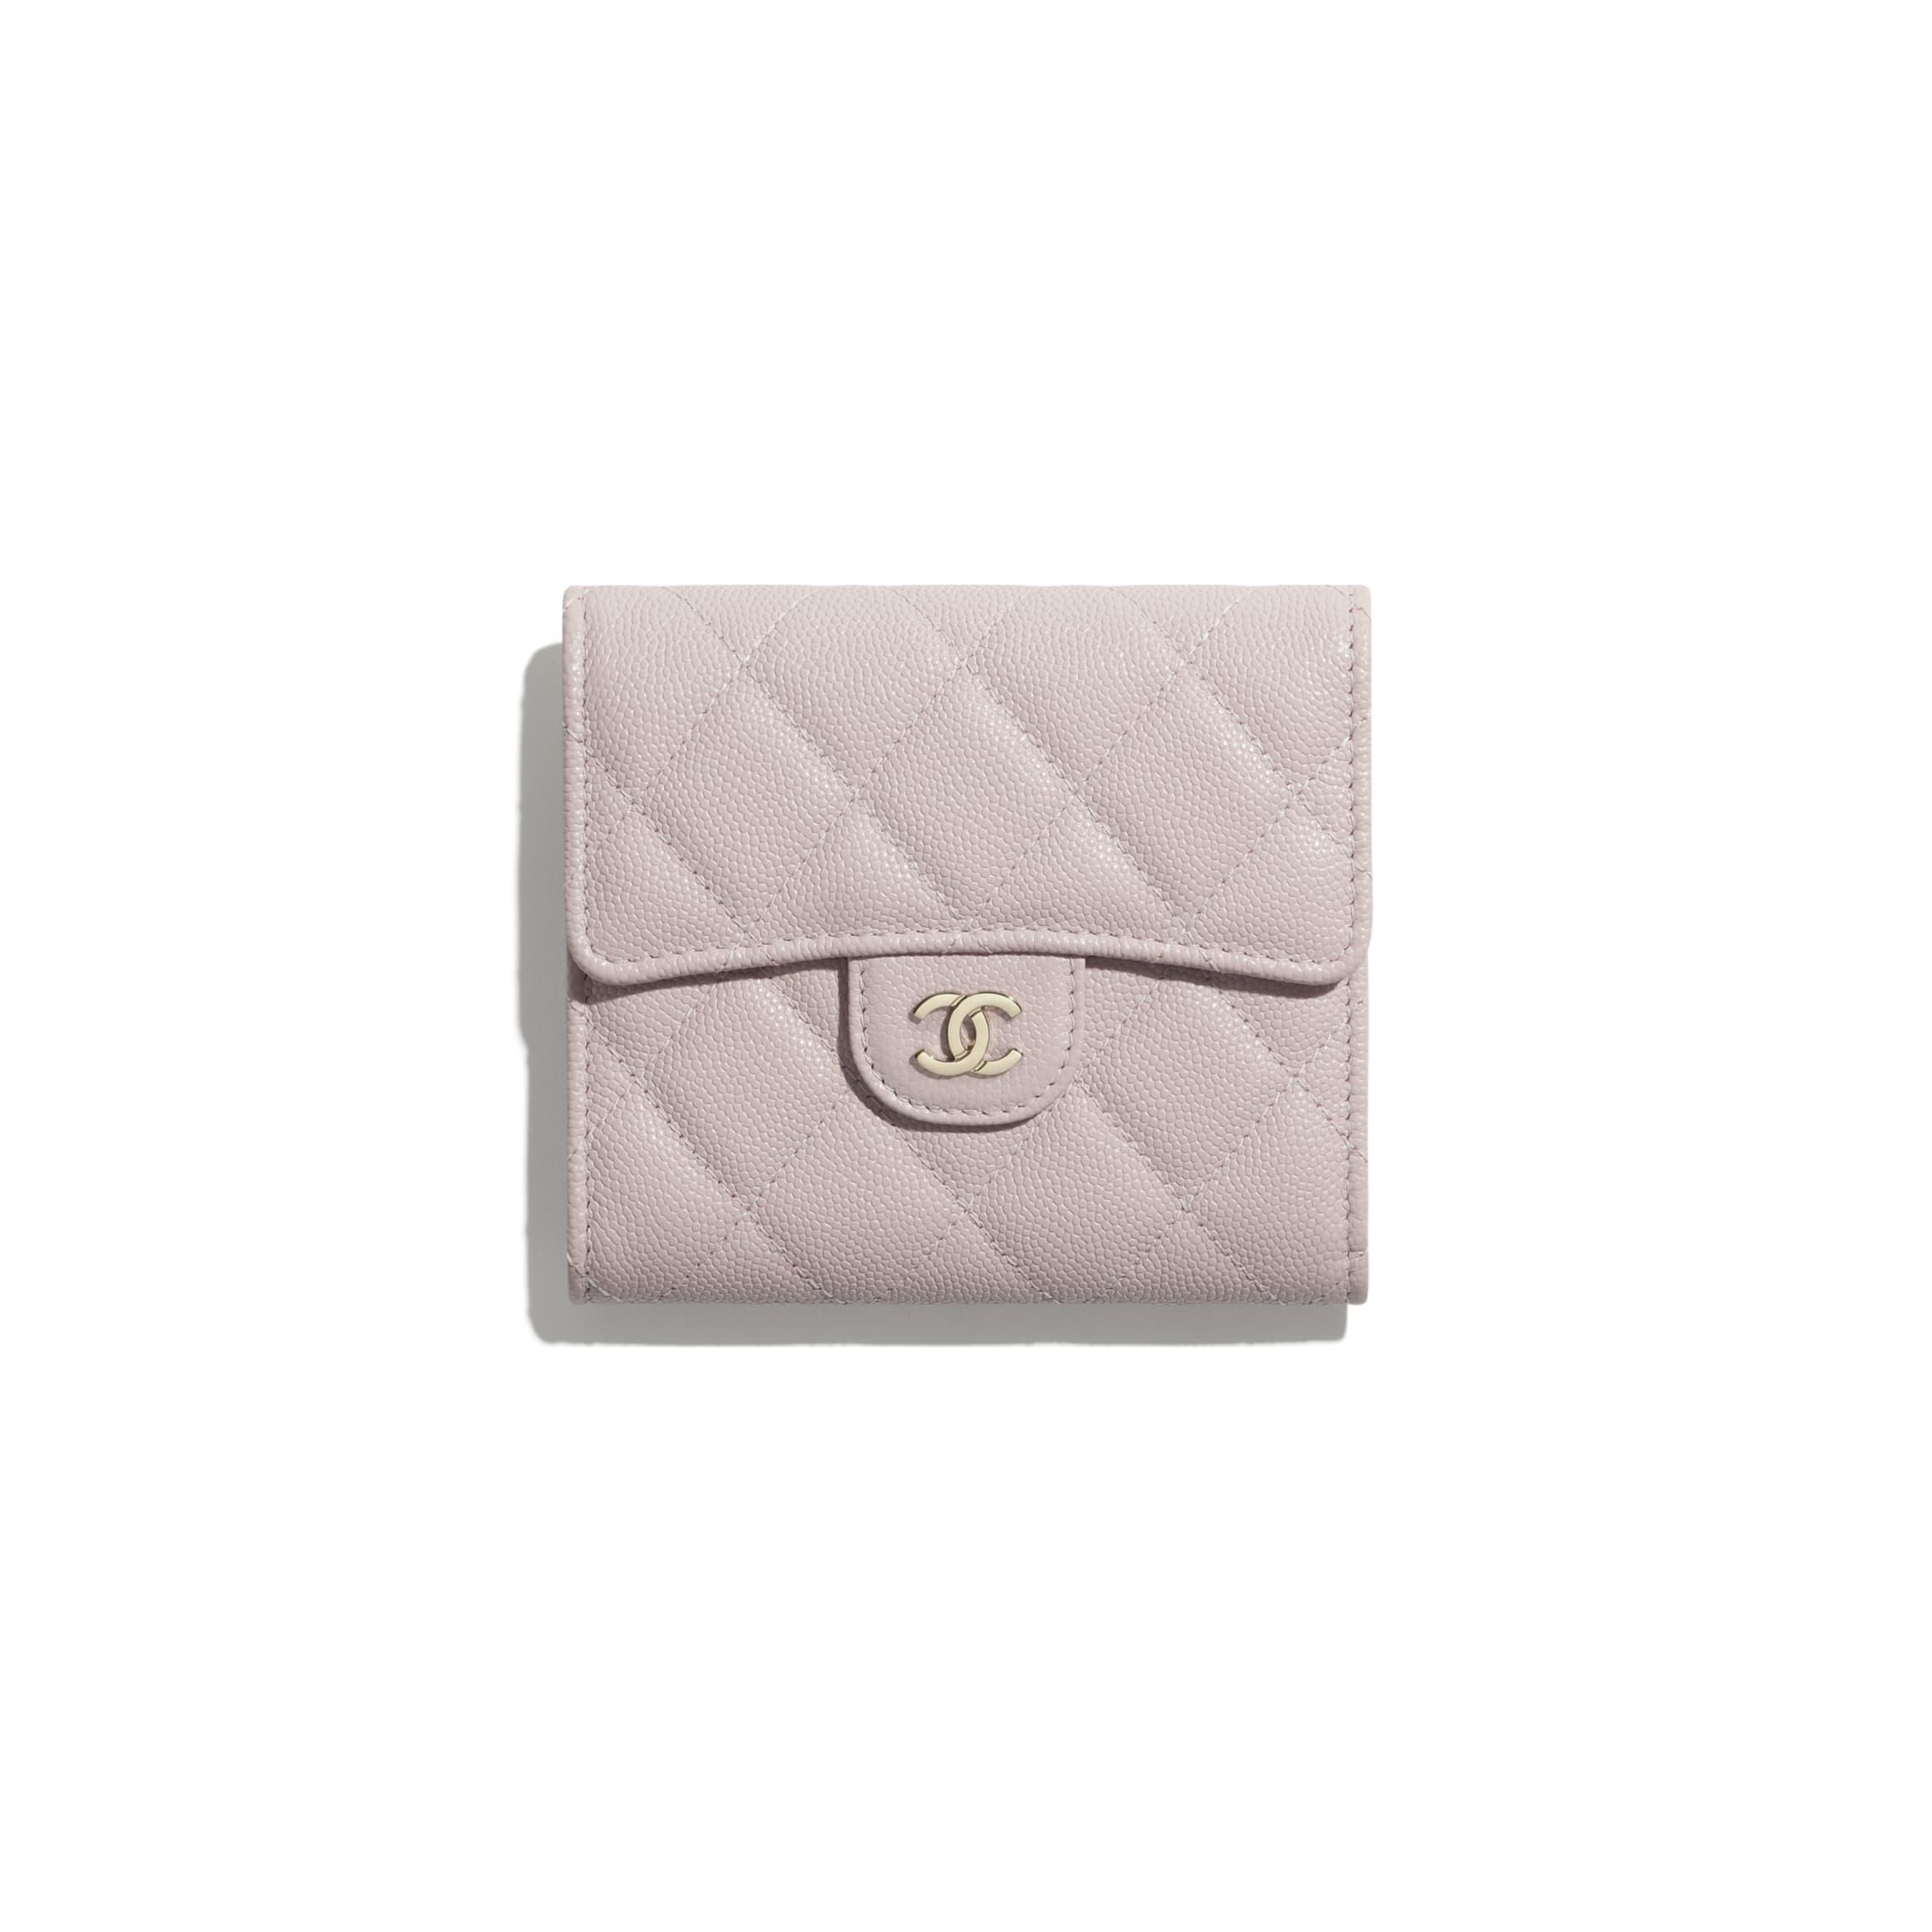 CHANEL 經典款細號垂蓋銀包 粒紋小牛皮及金色金屬 淺粉紅色 HK$6,600